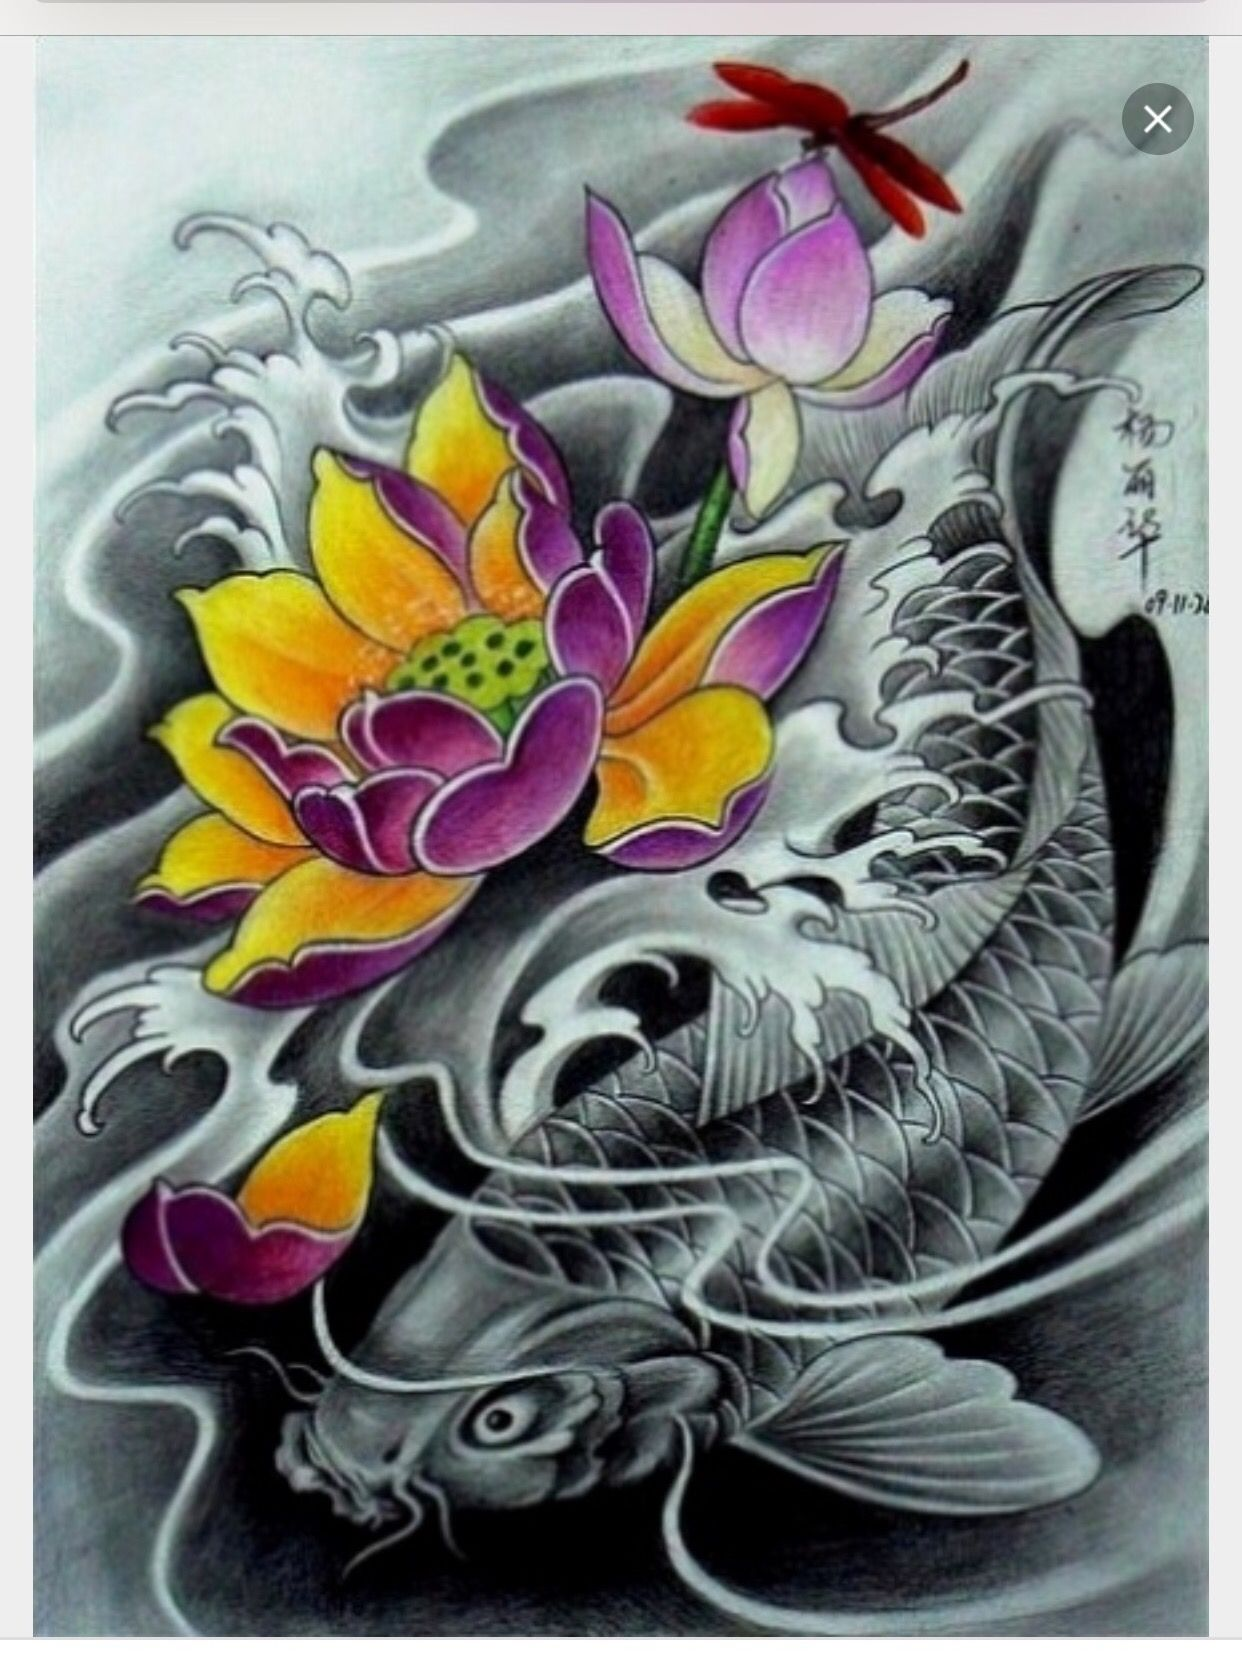 Pin de cleo en Tatoo | Pinterest | Tatuajes, Arte y Ideas de tatuajes